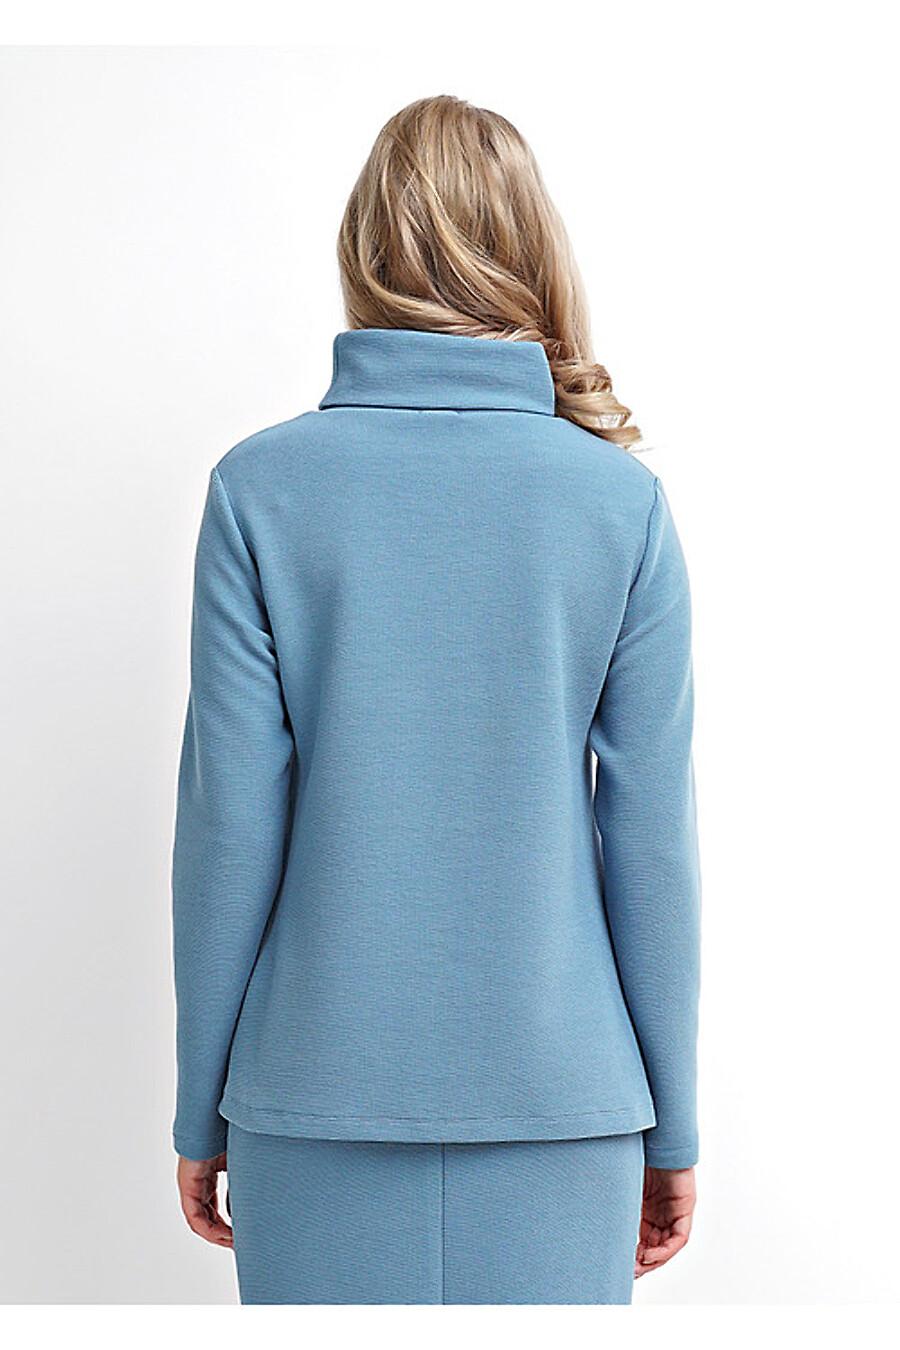 Водолазка для женщин CLEVER 159022 купить оптом от производителя. Совместная покупка женской одежды в OptMoyo